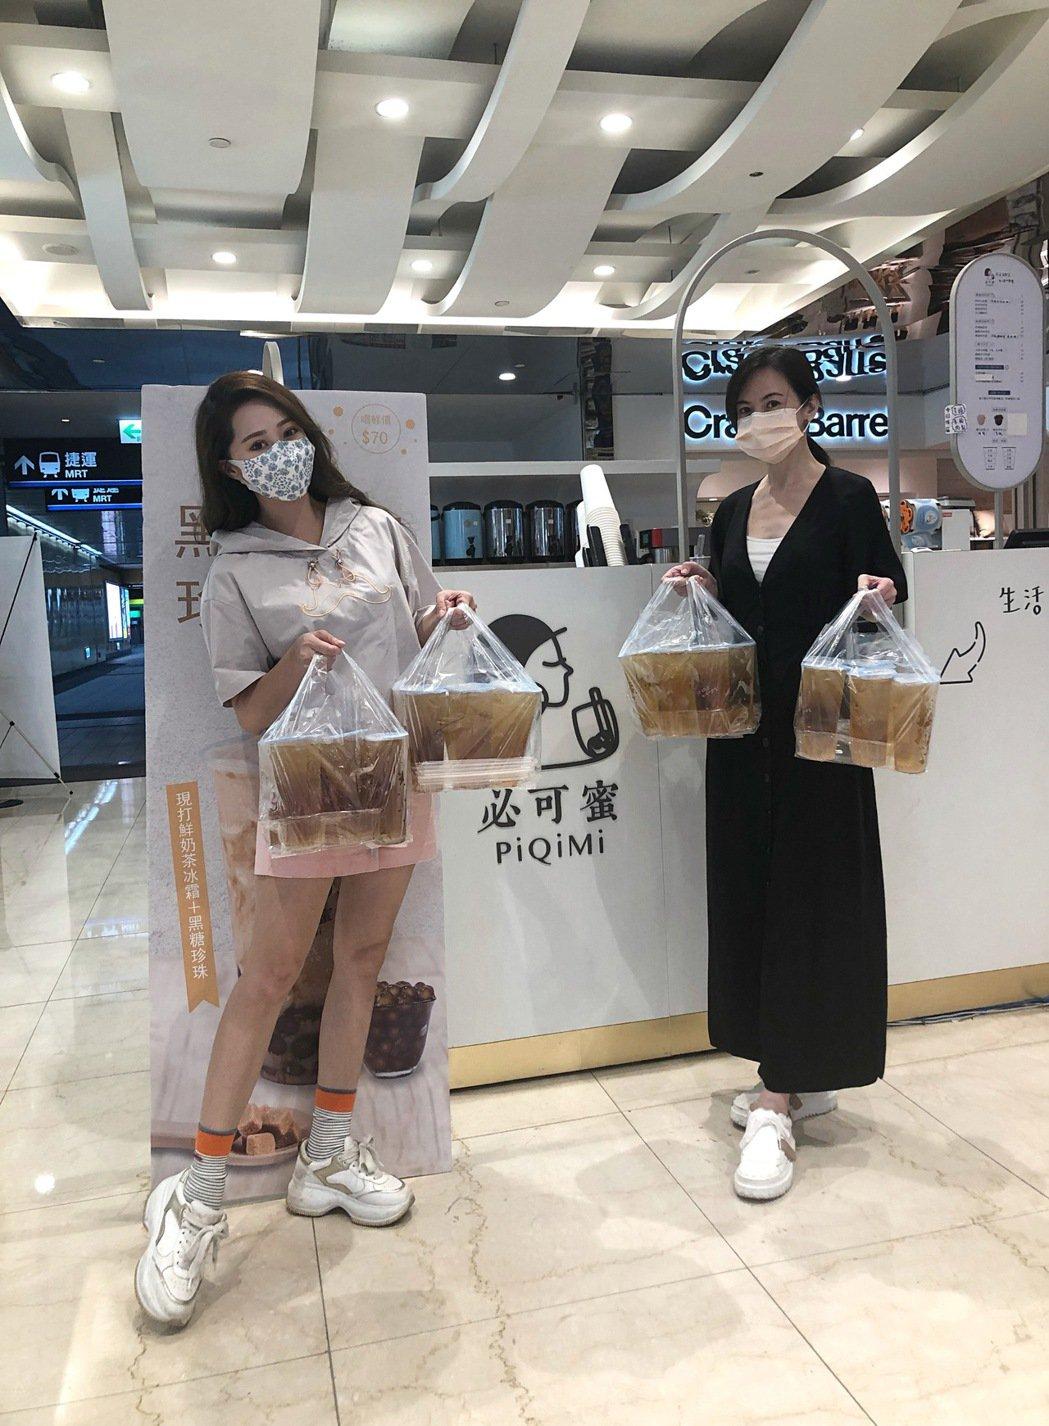 黃露瑤(左)為簡沛恩飲料店當外送小天使。圖/楠軒工作室提供